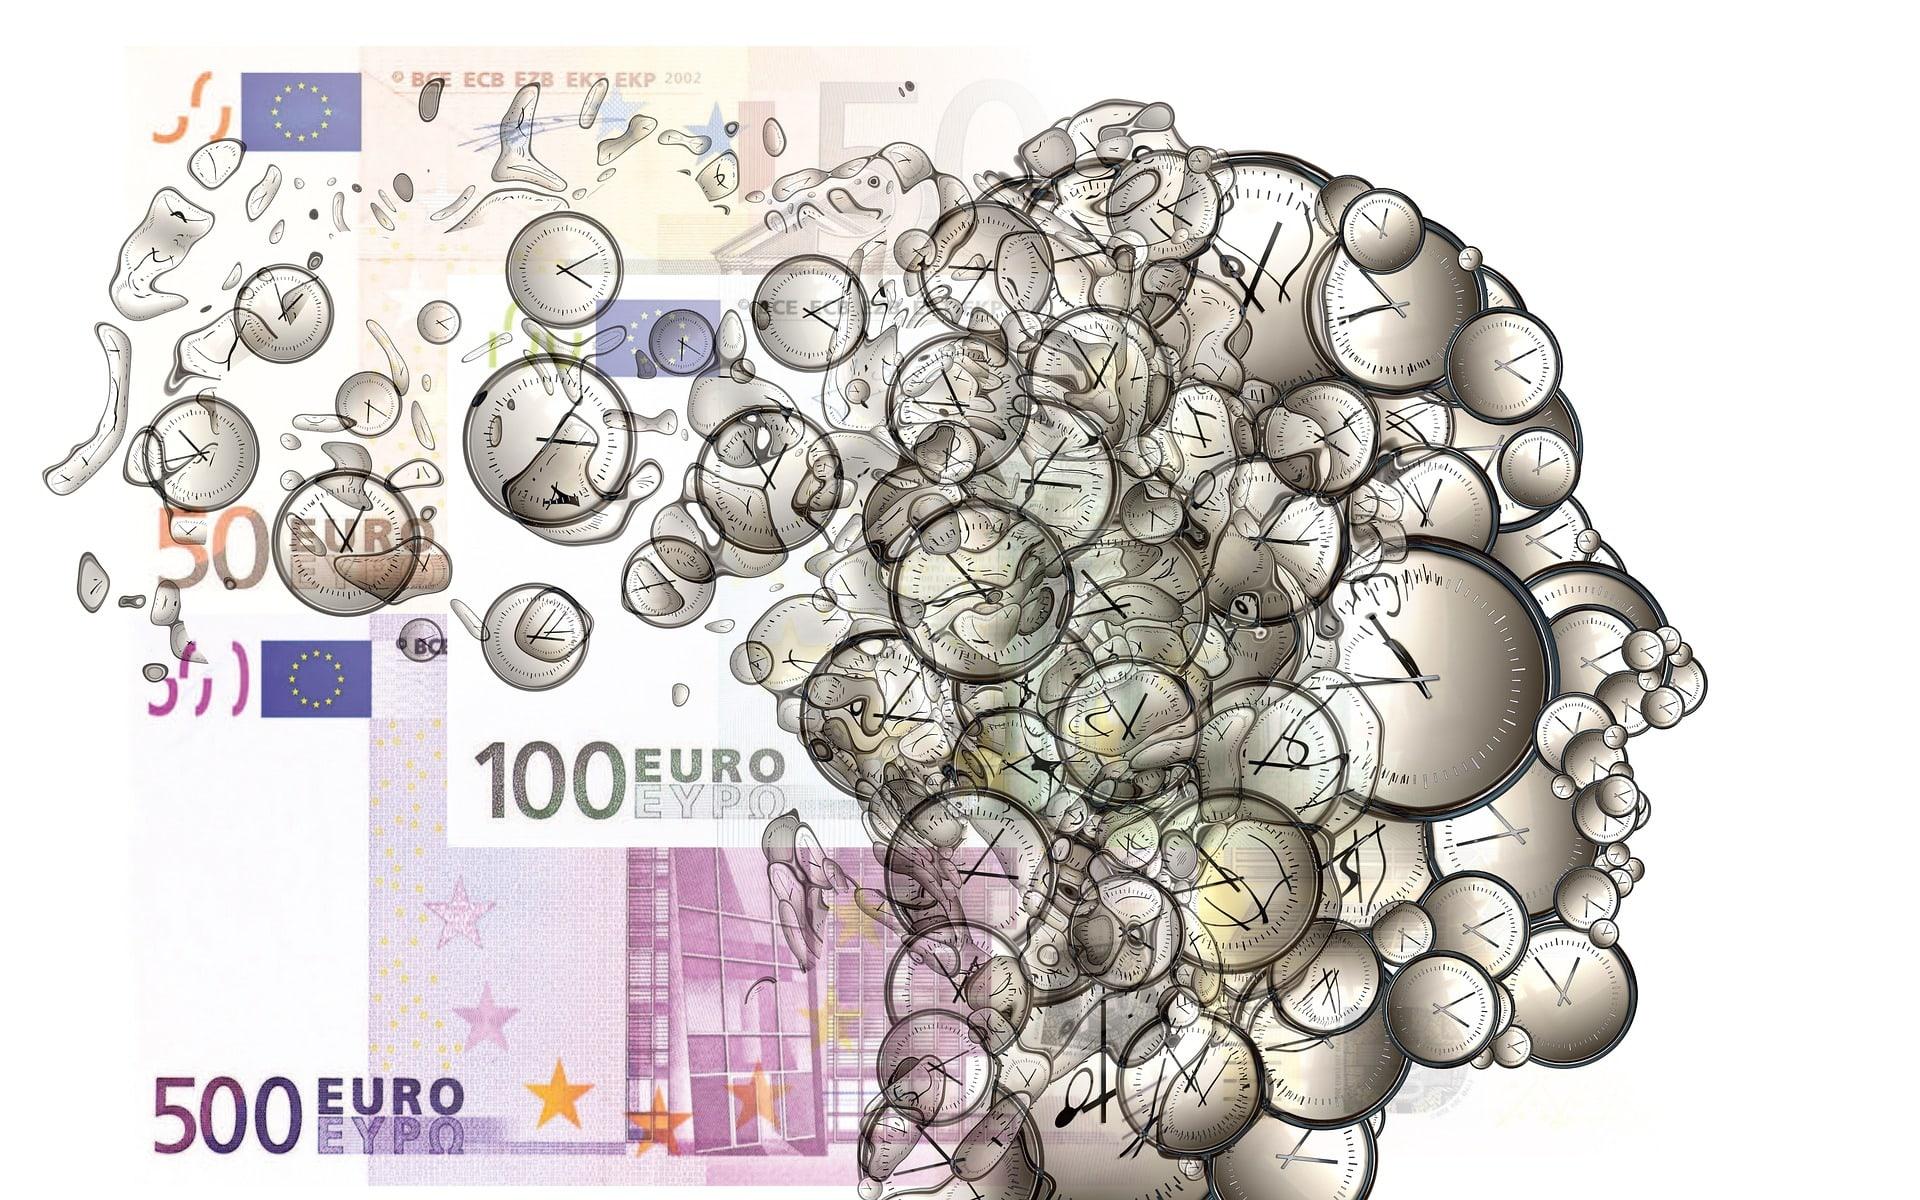 Zakaj digitalna valuta centralne banke v EU za zdaj nima dobrih možnosti?